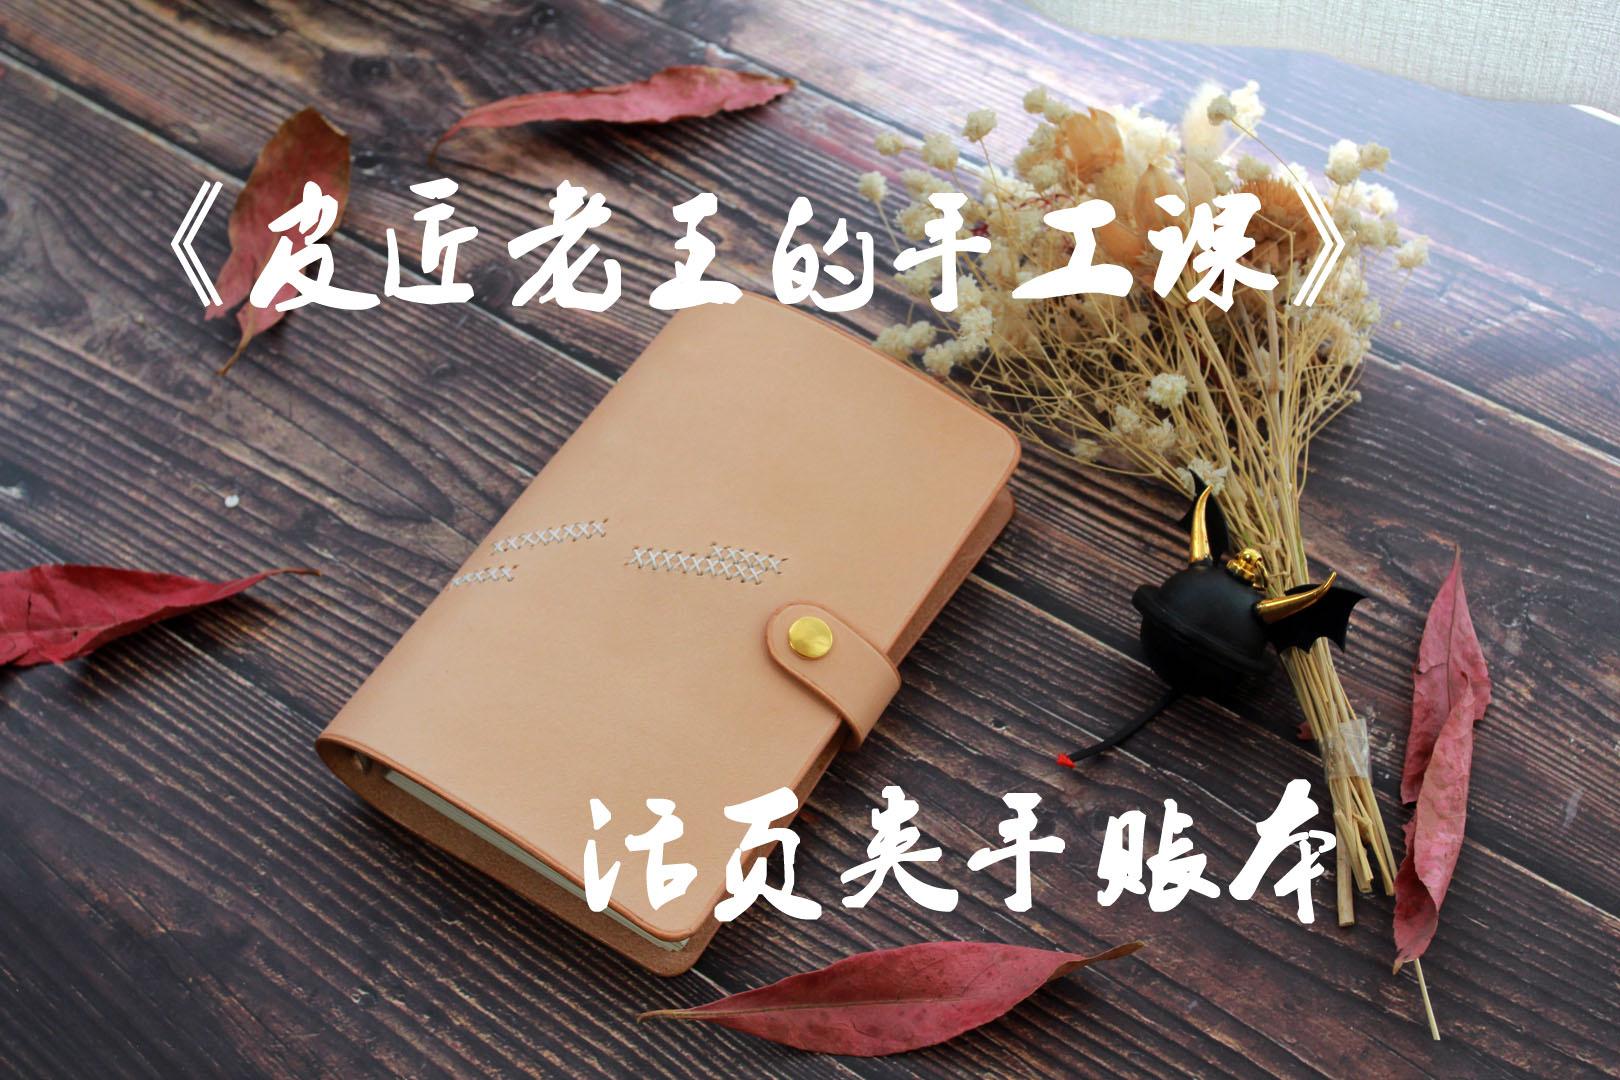 【皮匠老王的手工课】活页夹手账本制作教程